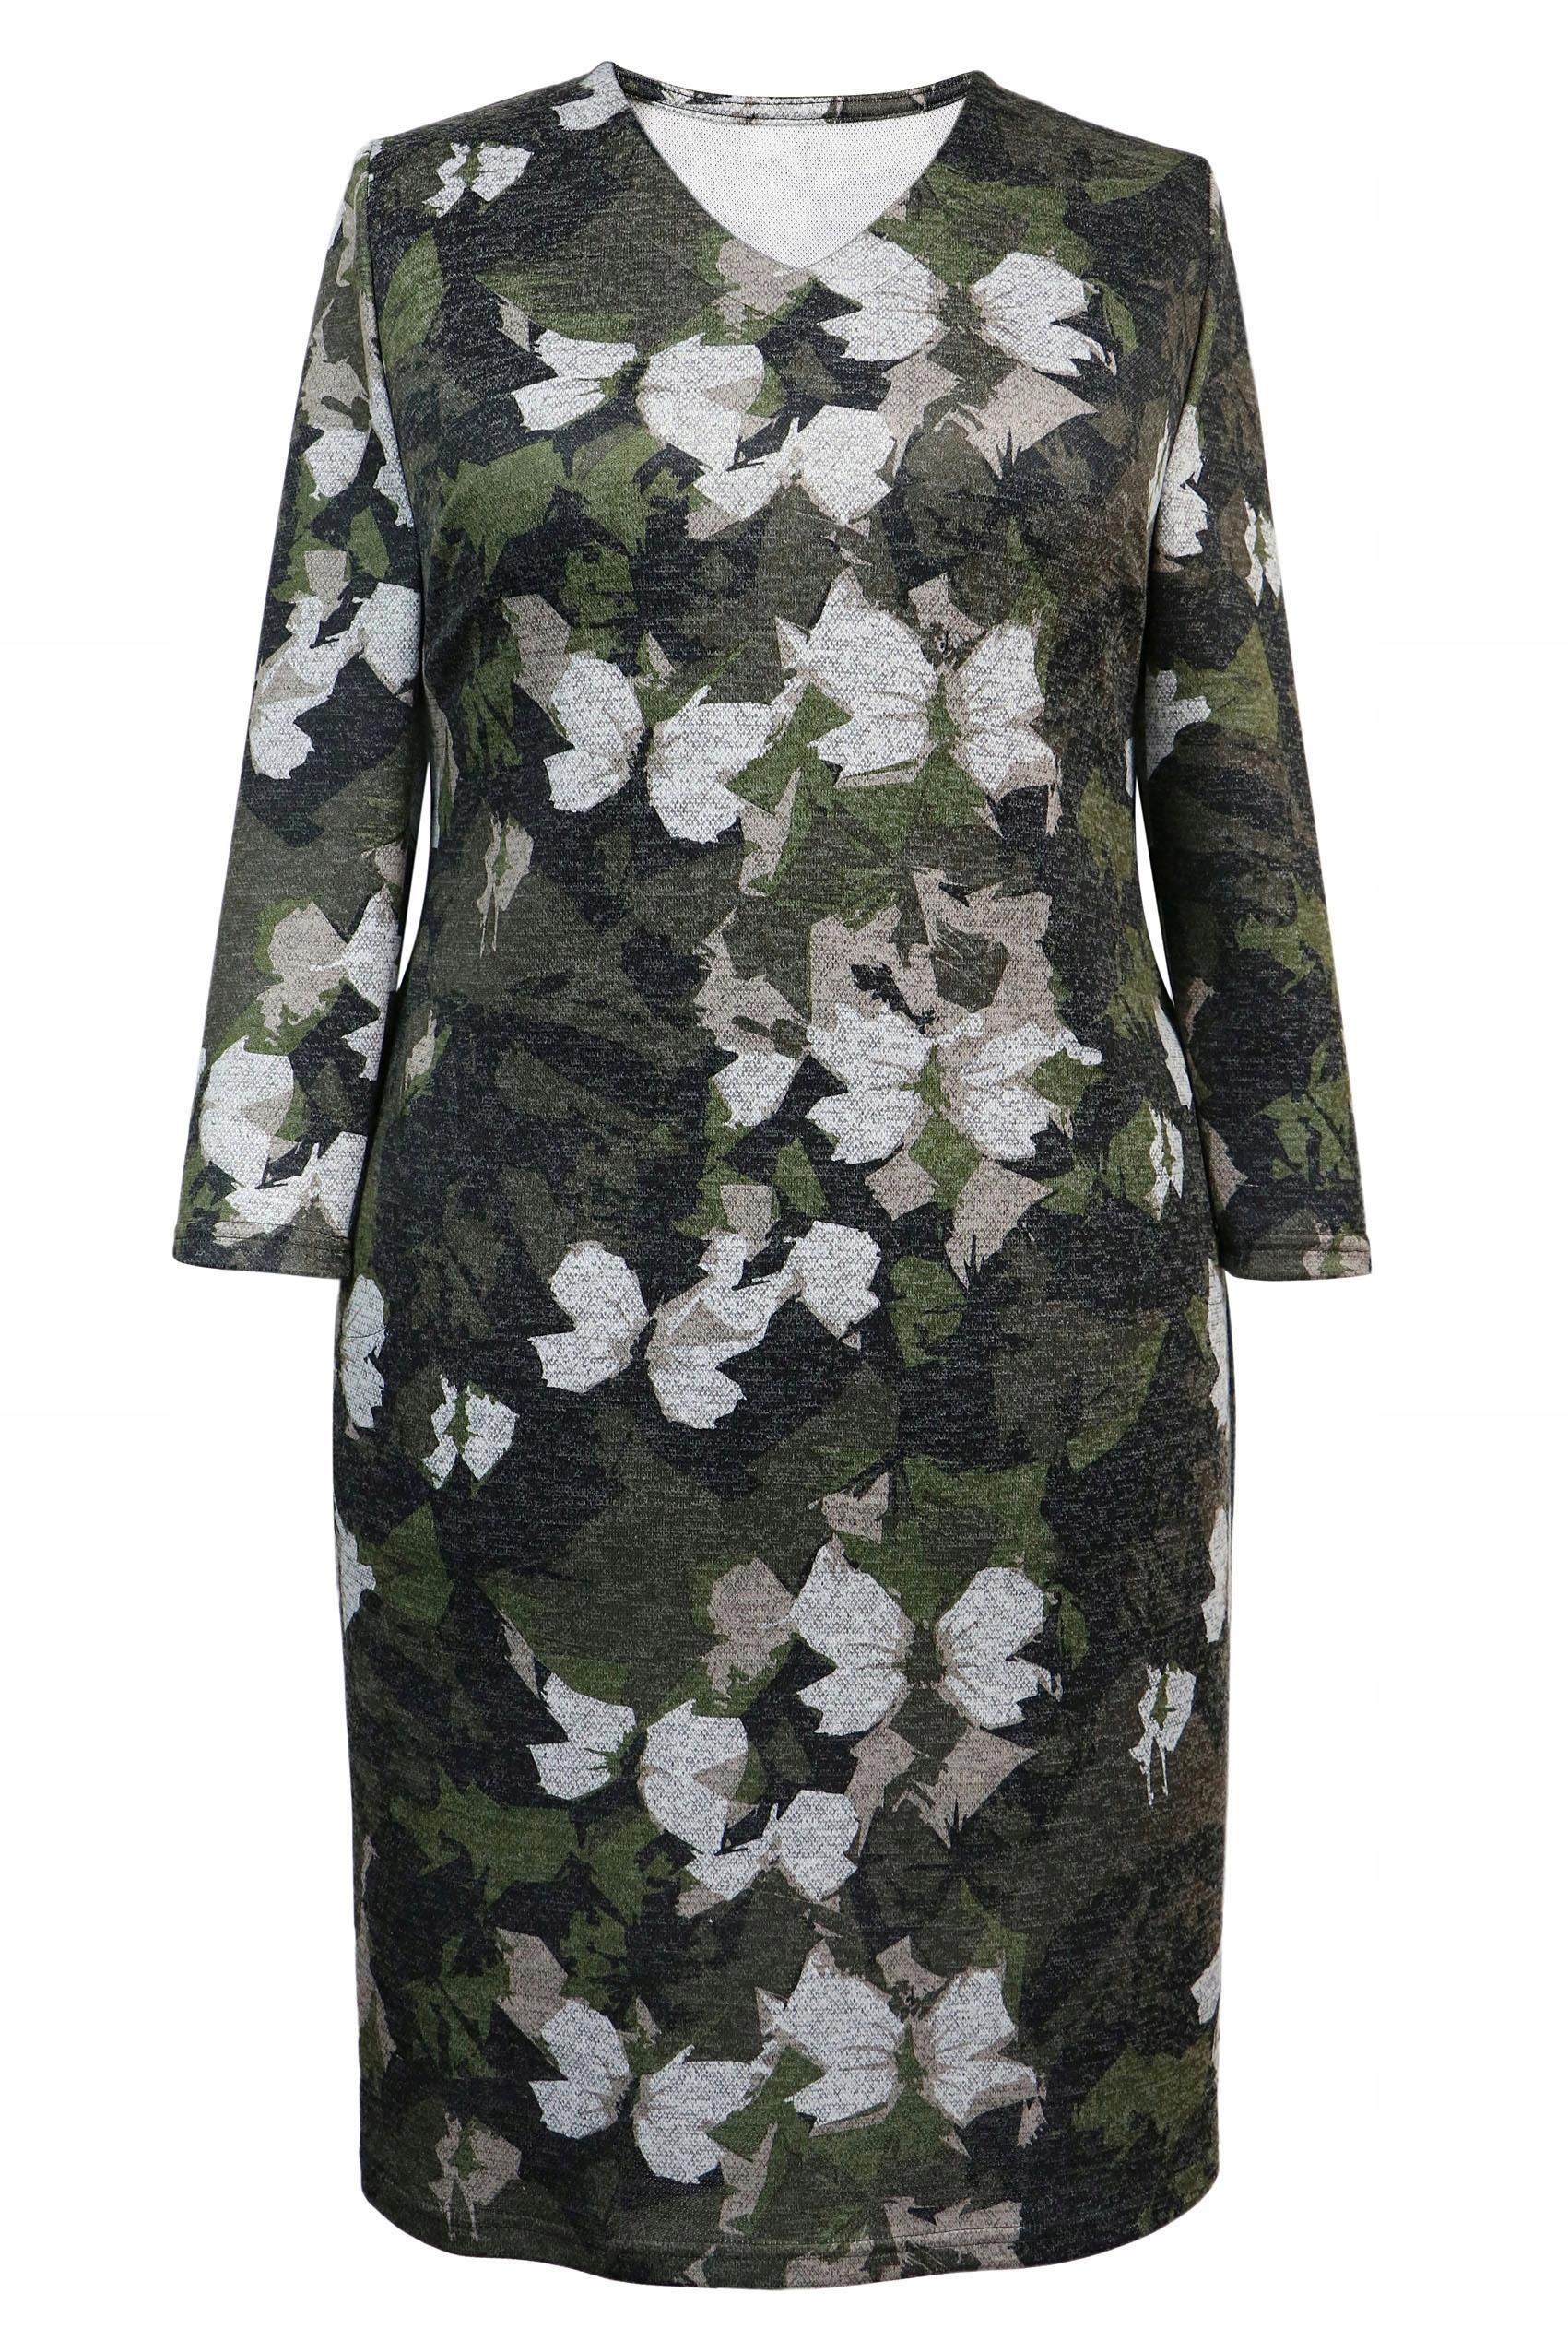 51d9d5c26d sukienka BABABABIE ołówkowa deseń kwiaty 54 - 7598531489 ...